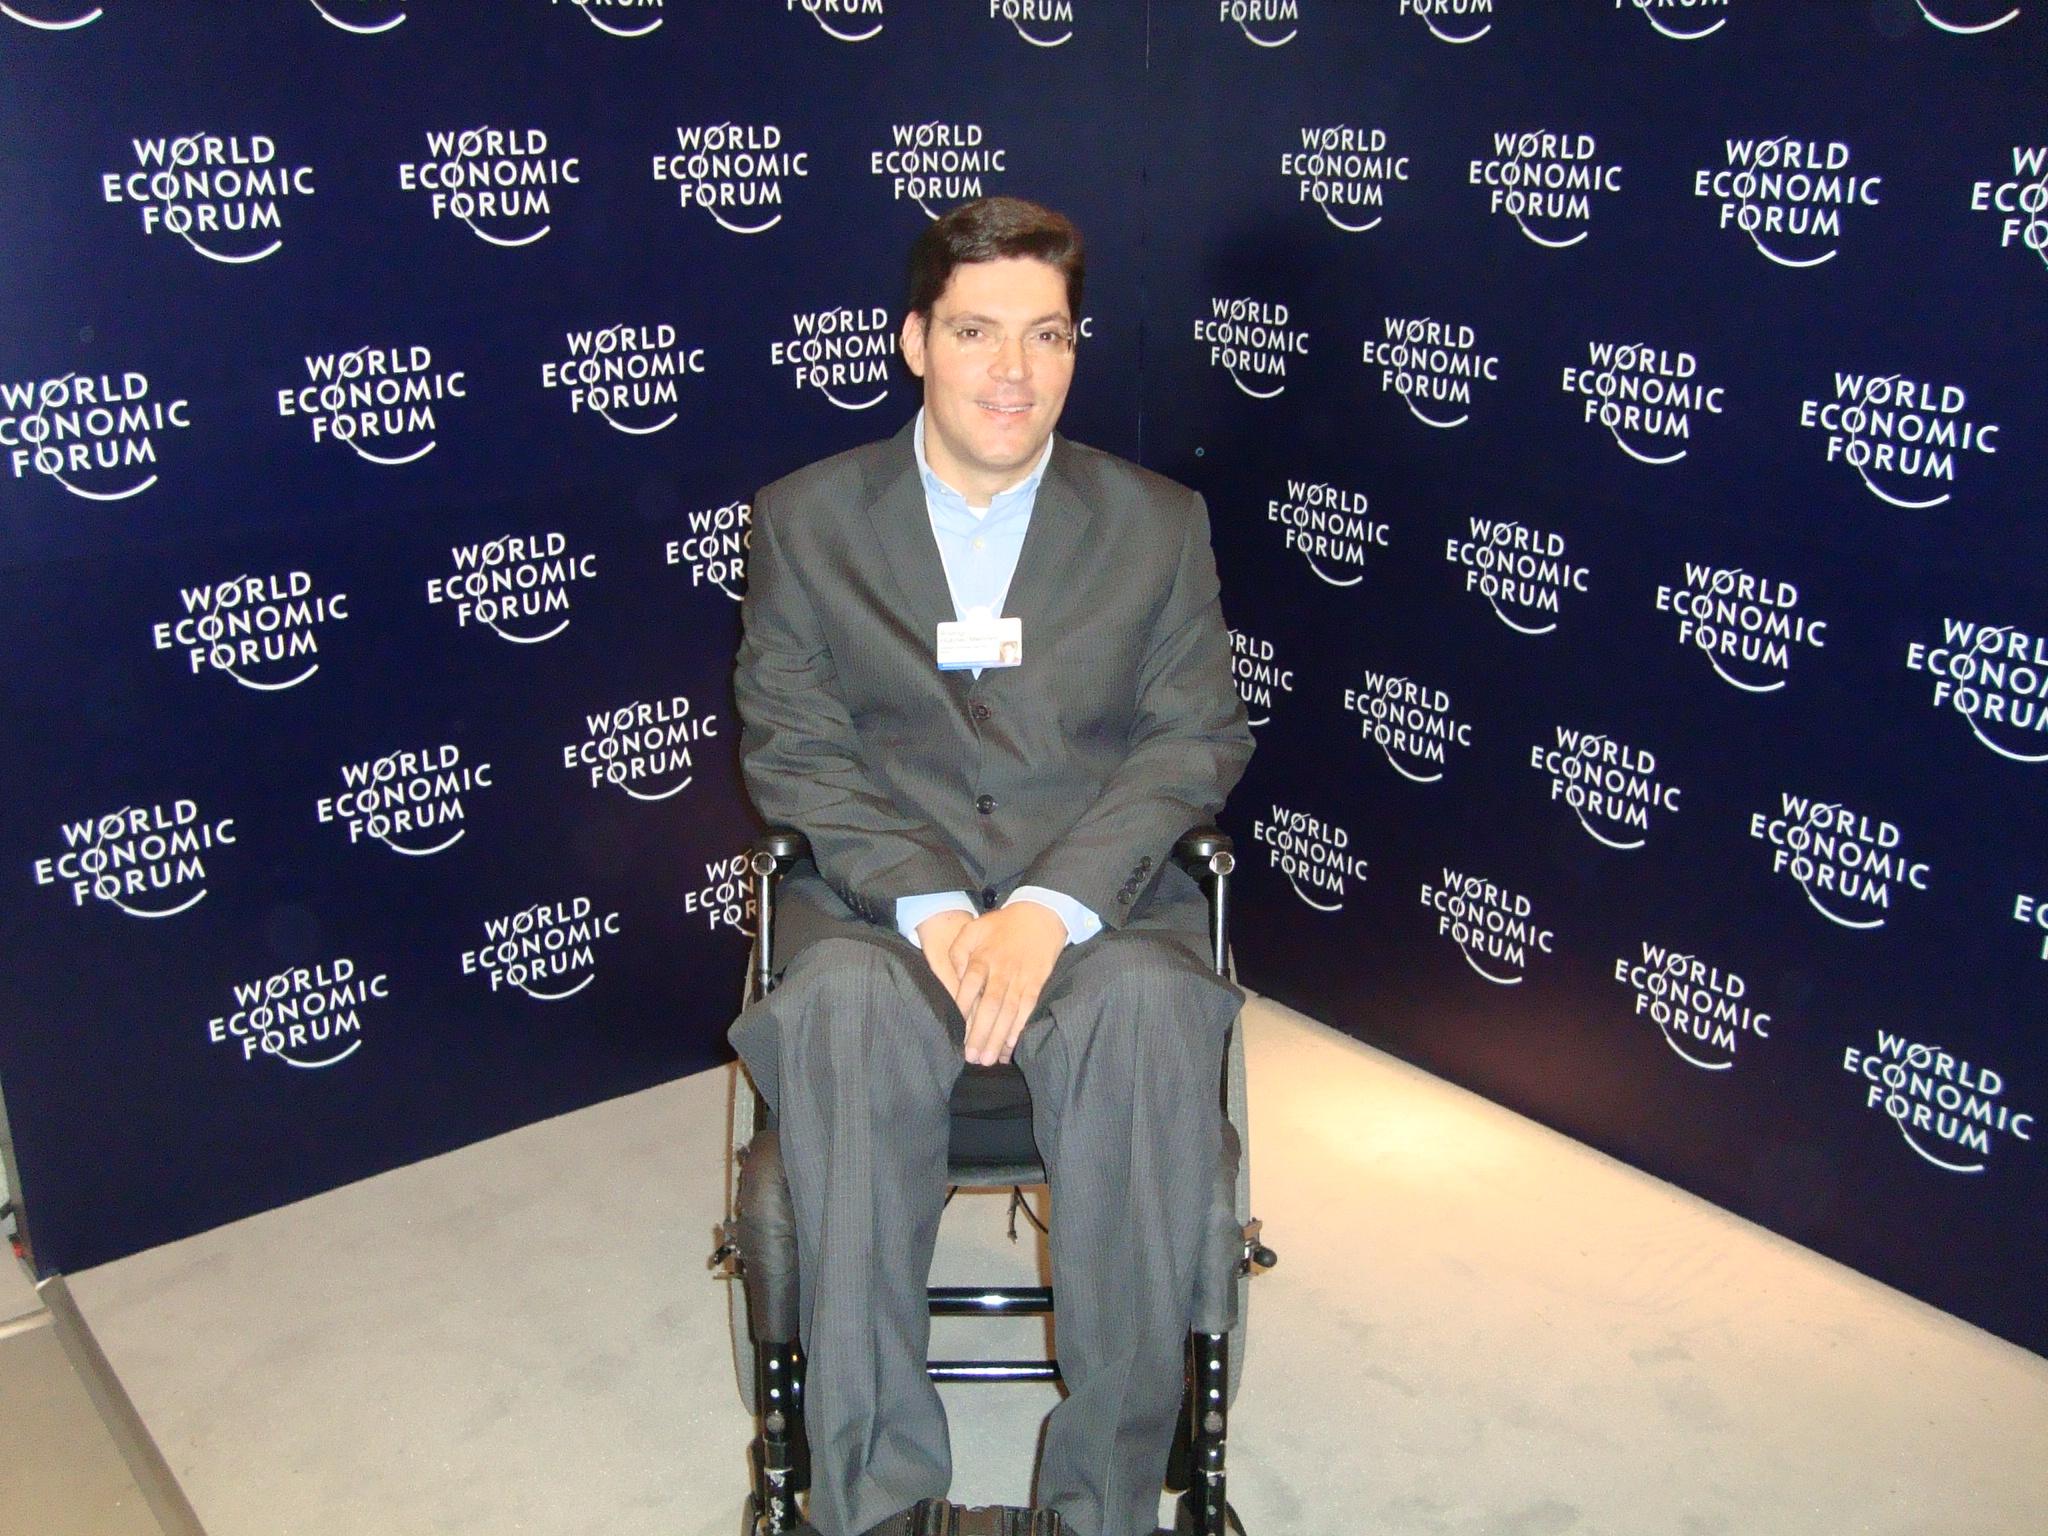 """Rodrigo posa para foto em sua cadeira de rodas, vestindo terno e camisa. Ao fundo, painel escuro estampado com inúmeros logotipos do """"Fórum Econômico Mundial""""."""